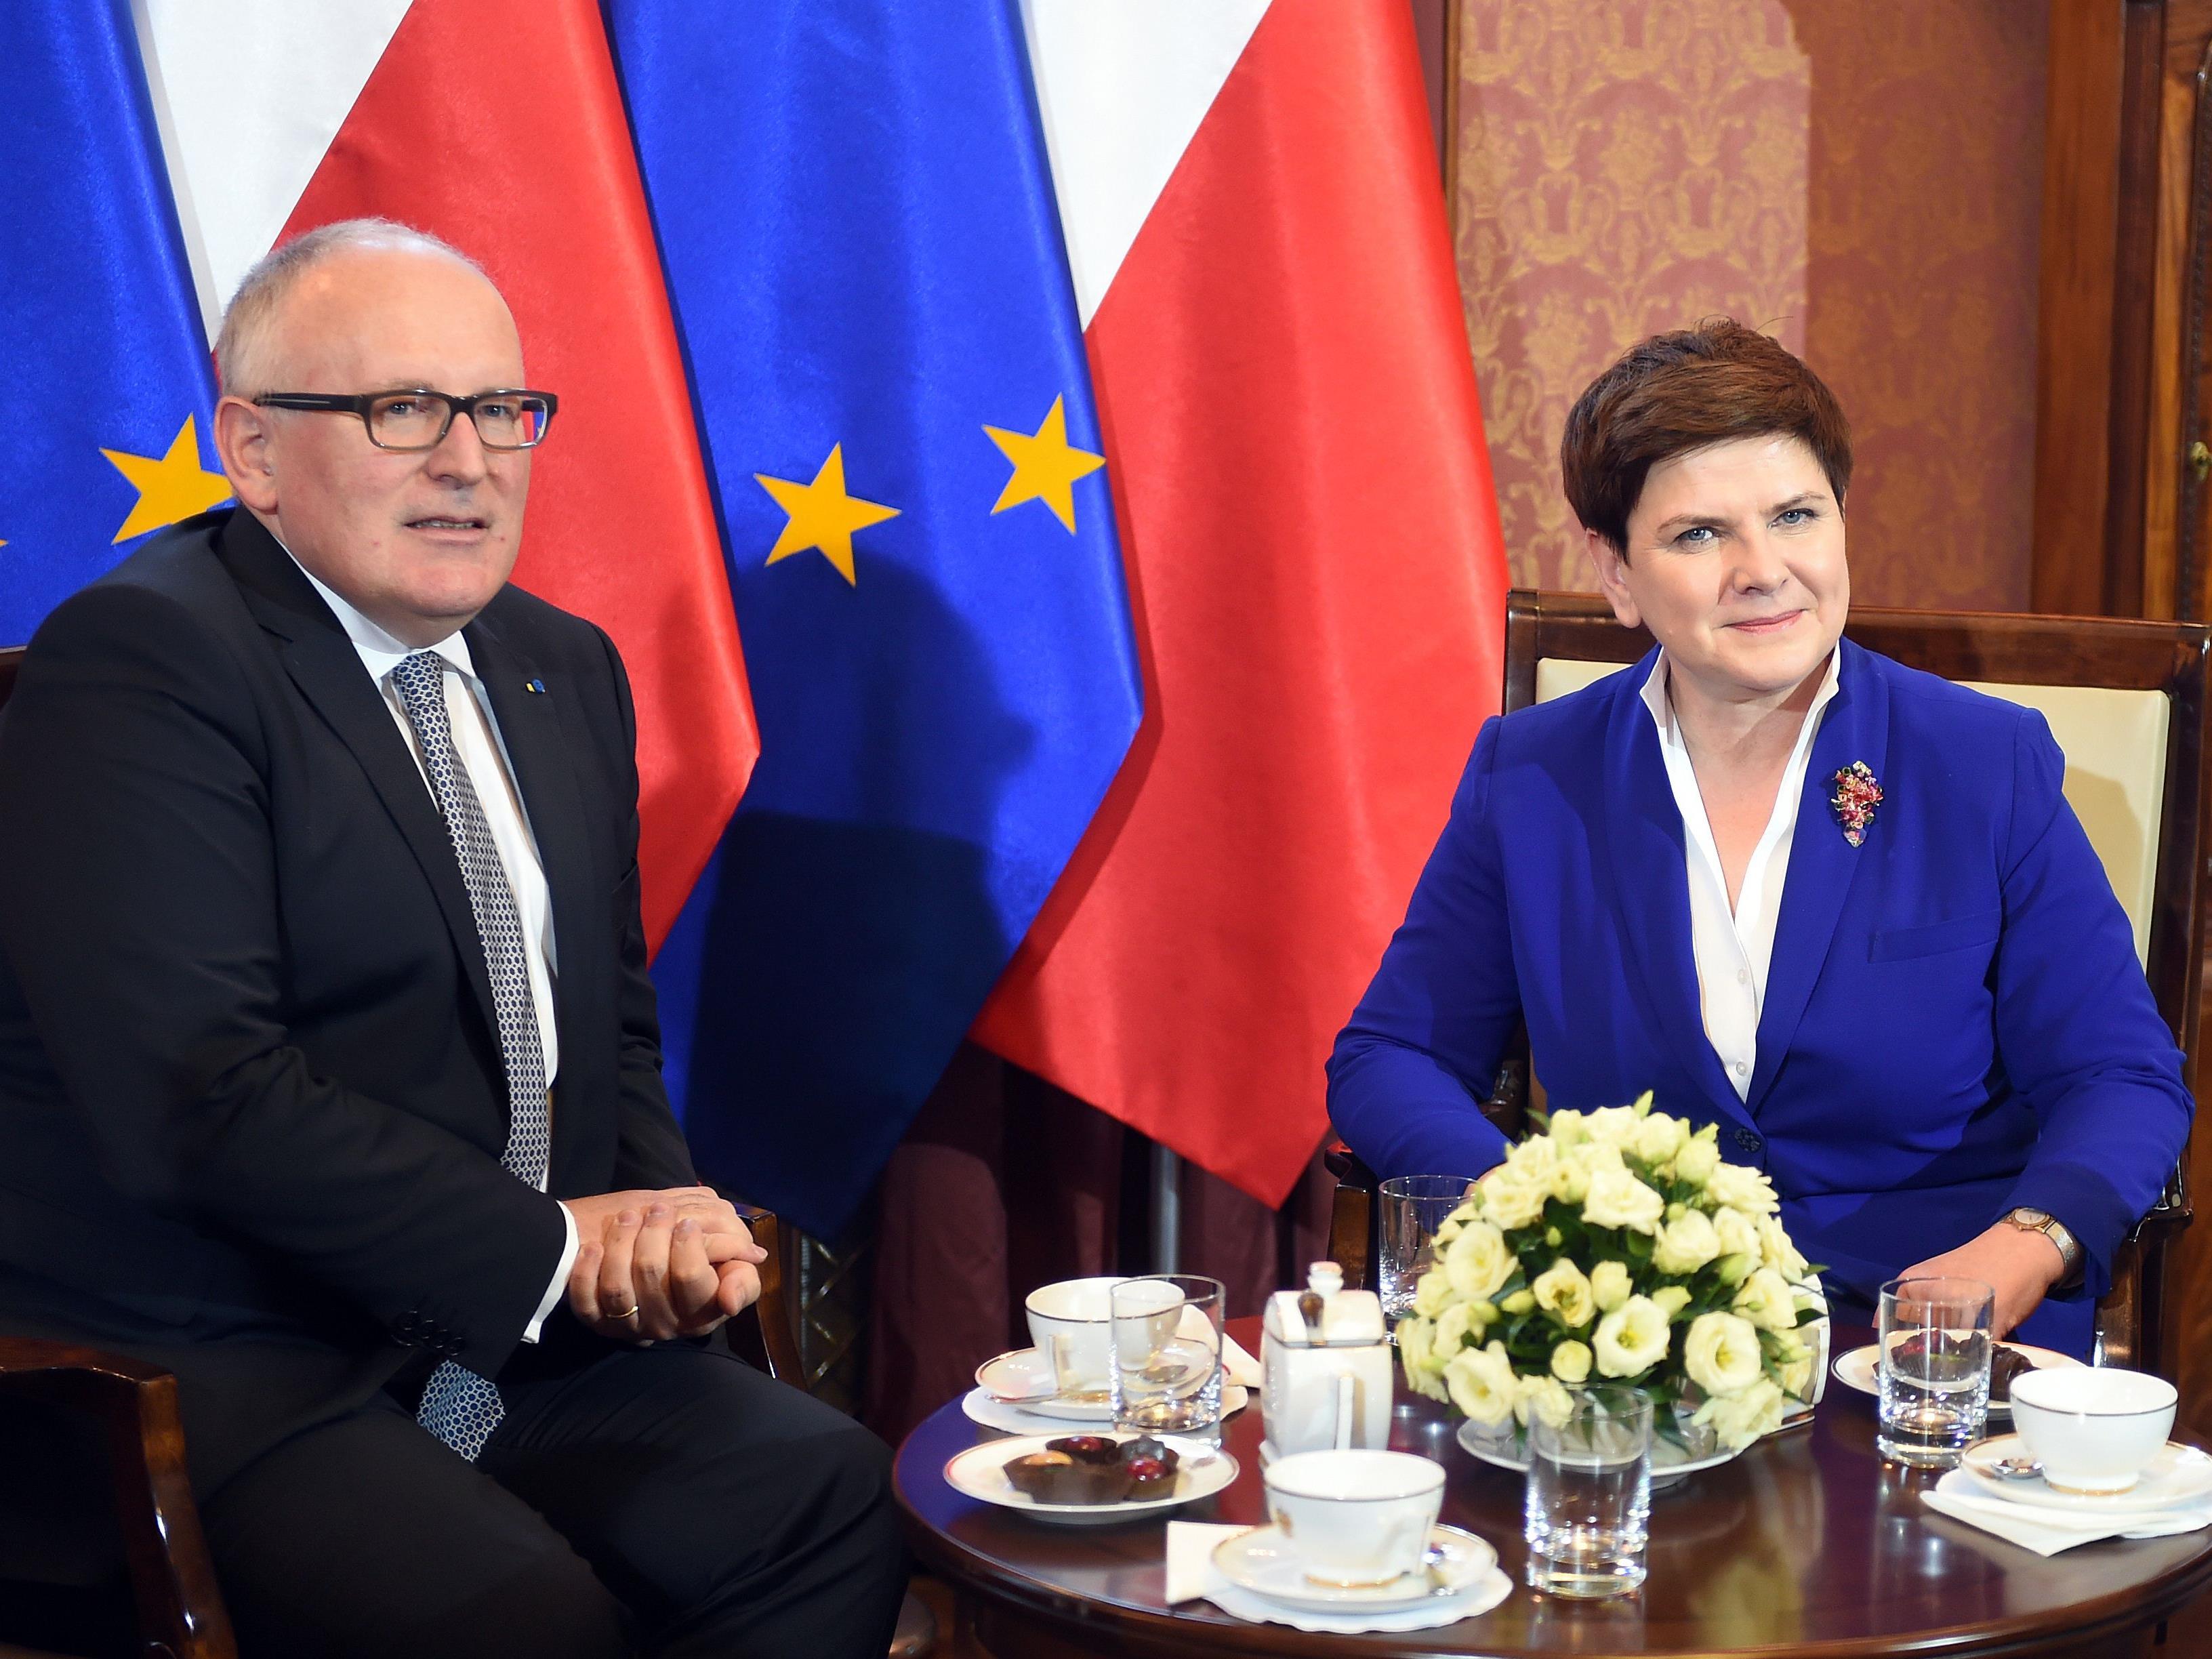 Der Streit zwischen Polen und der EU-Kommission um die Justizreform in Warschau eskaliert.